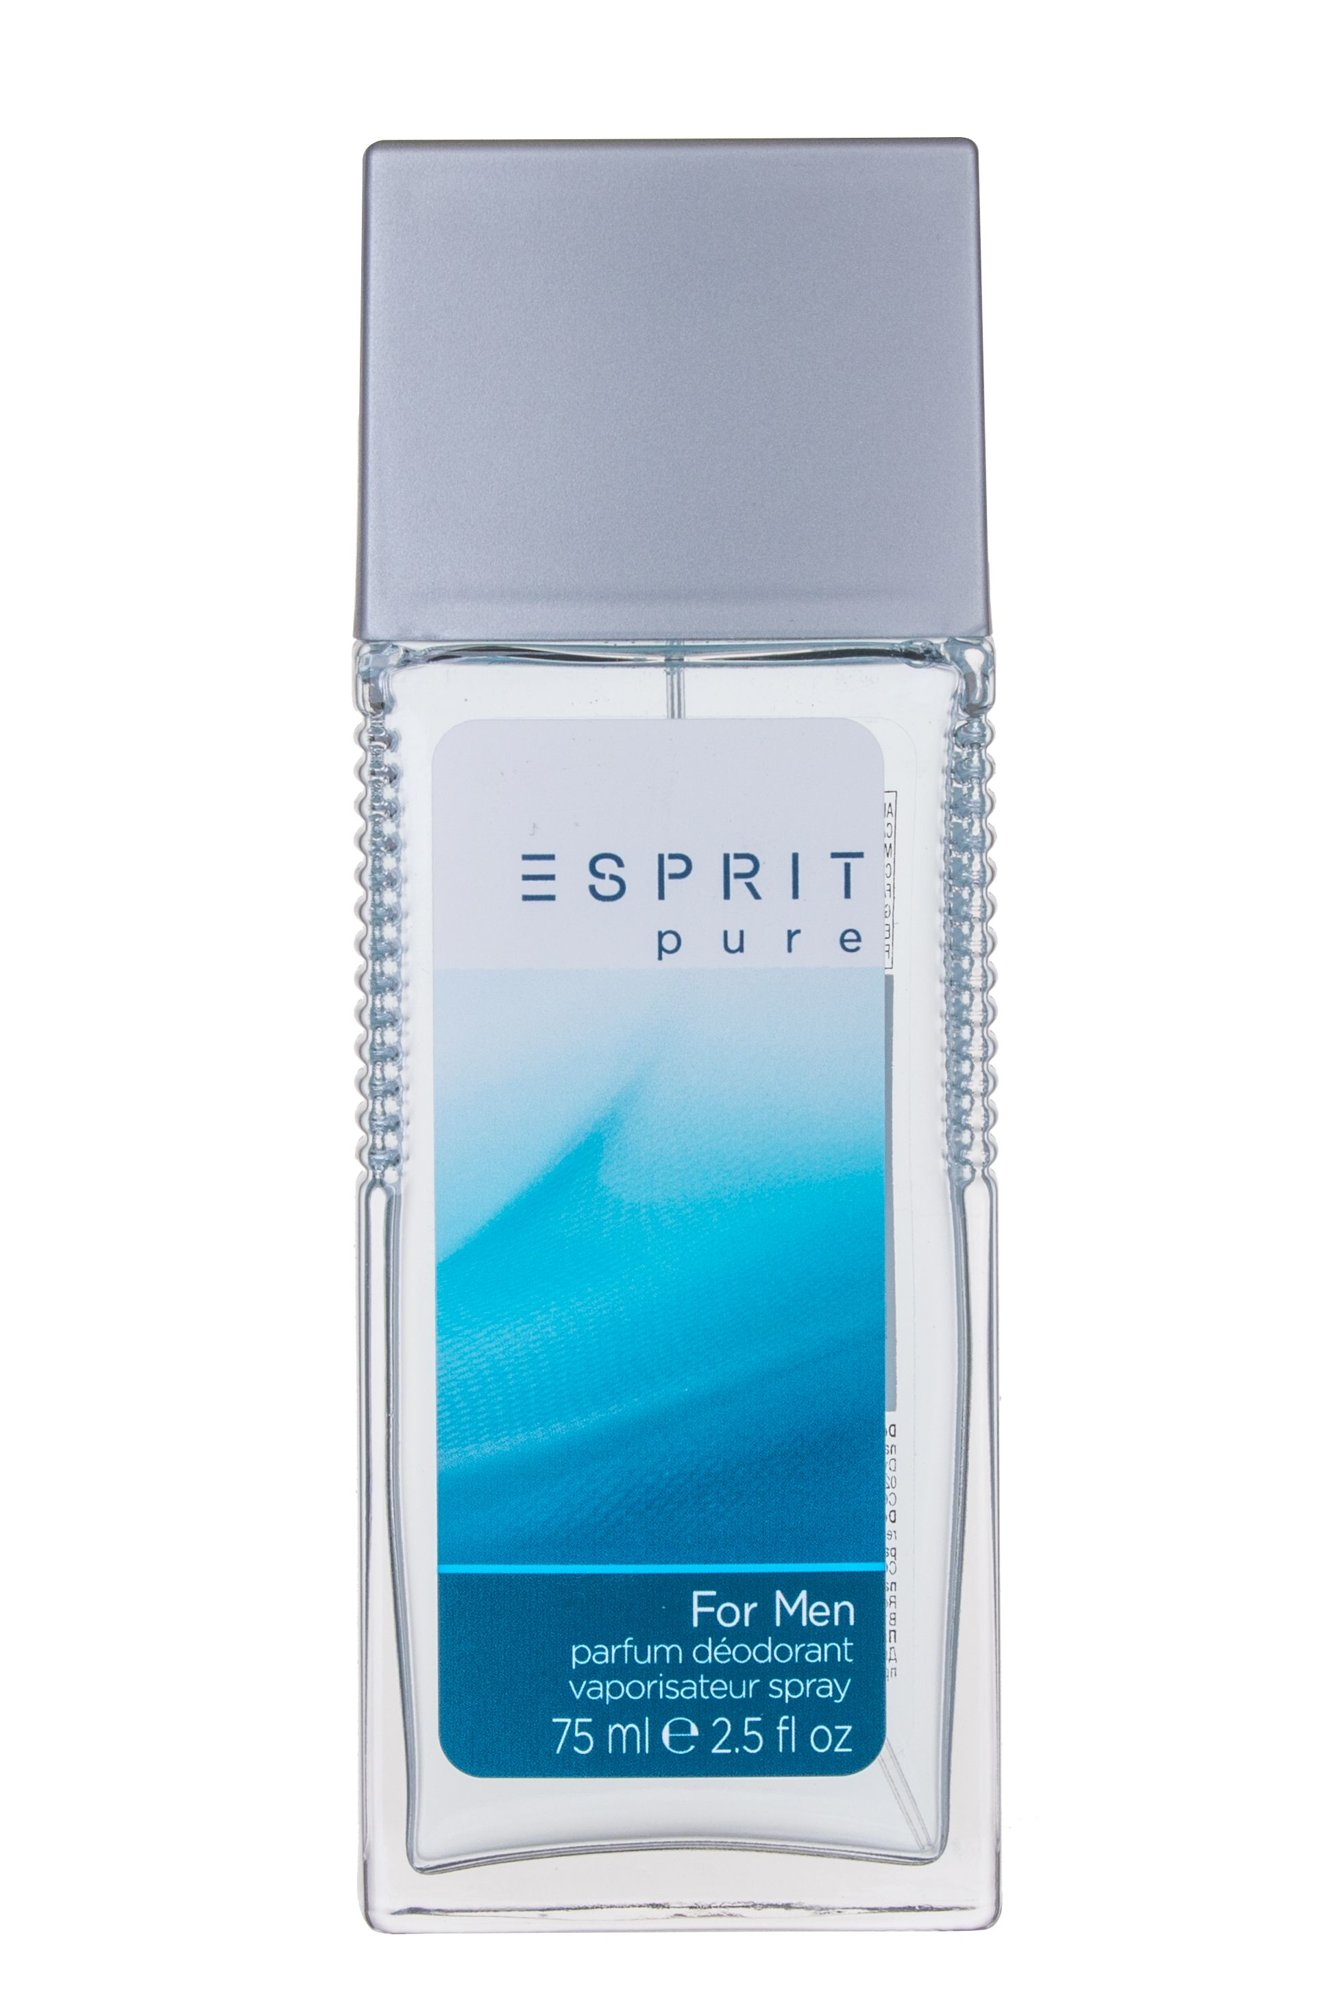 Esprit Pure Deodorant 75ml